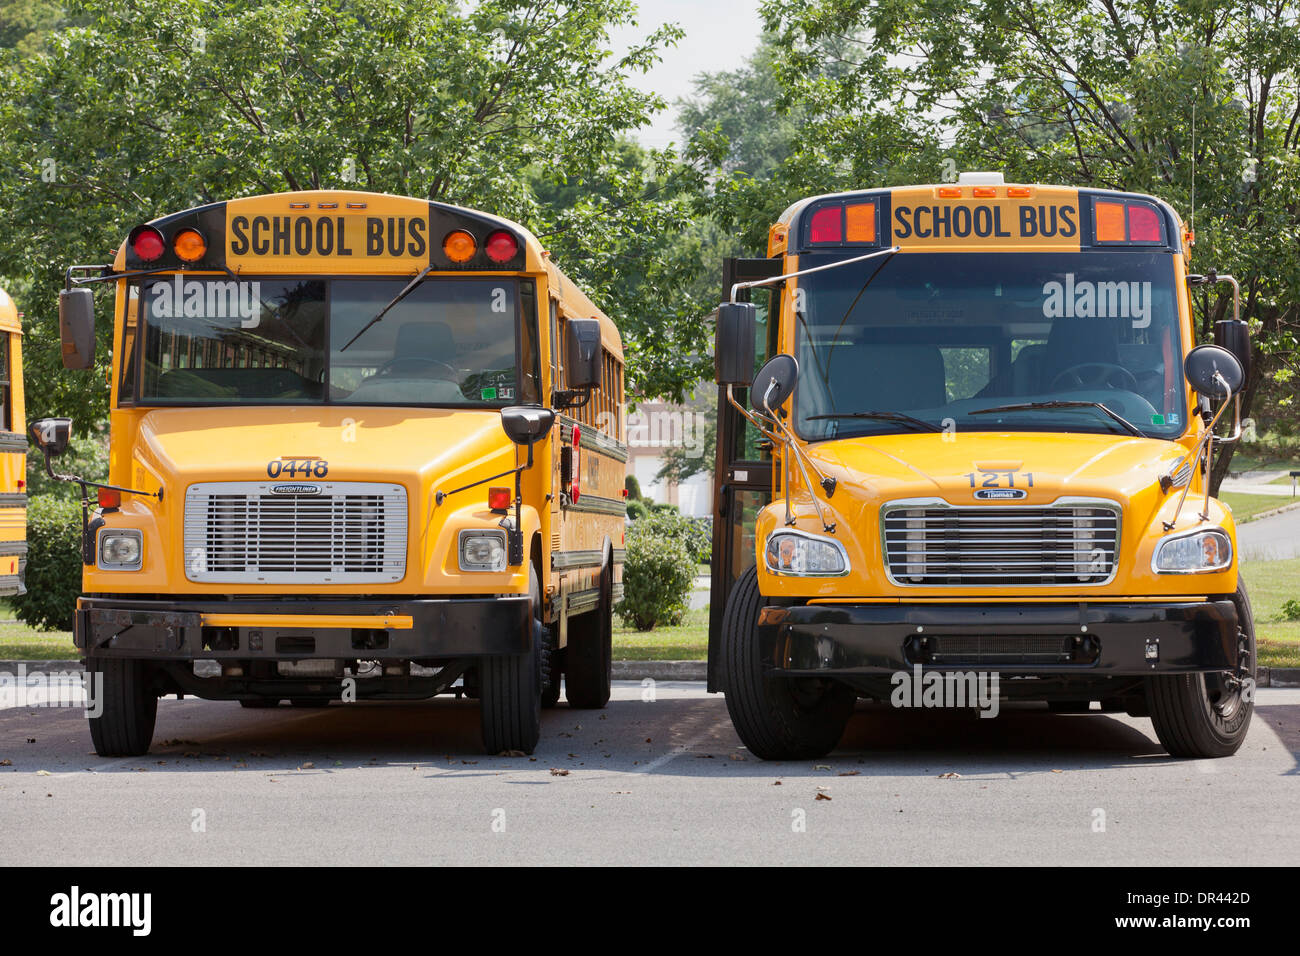 Nos estacionados los autobuses escolares - Pennsylvania, EE.UU. Imagen De Stock